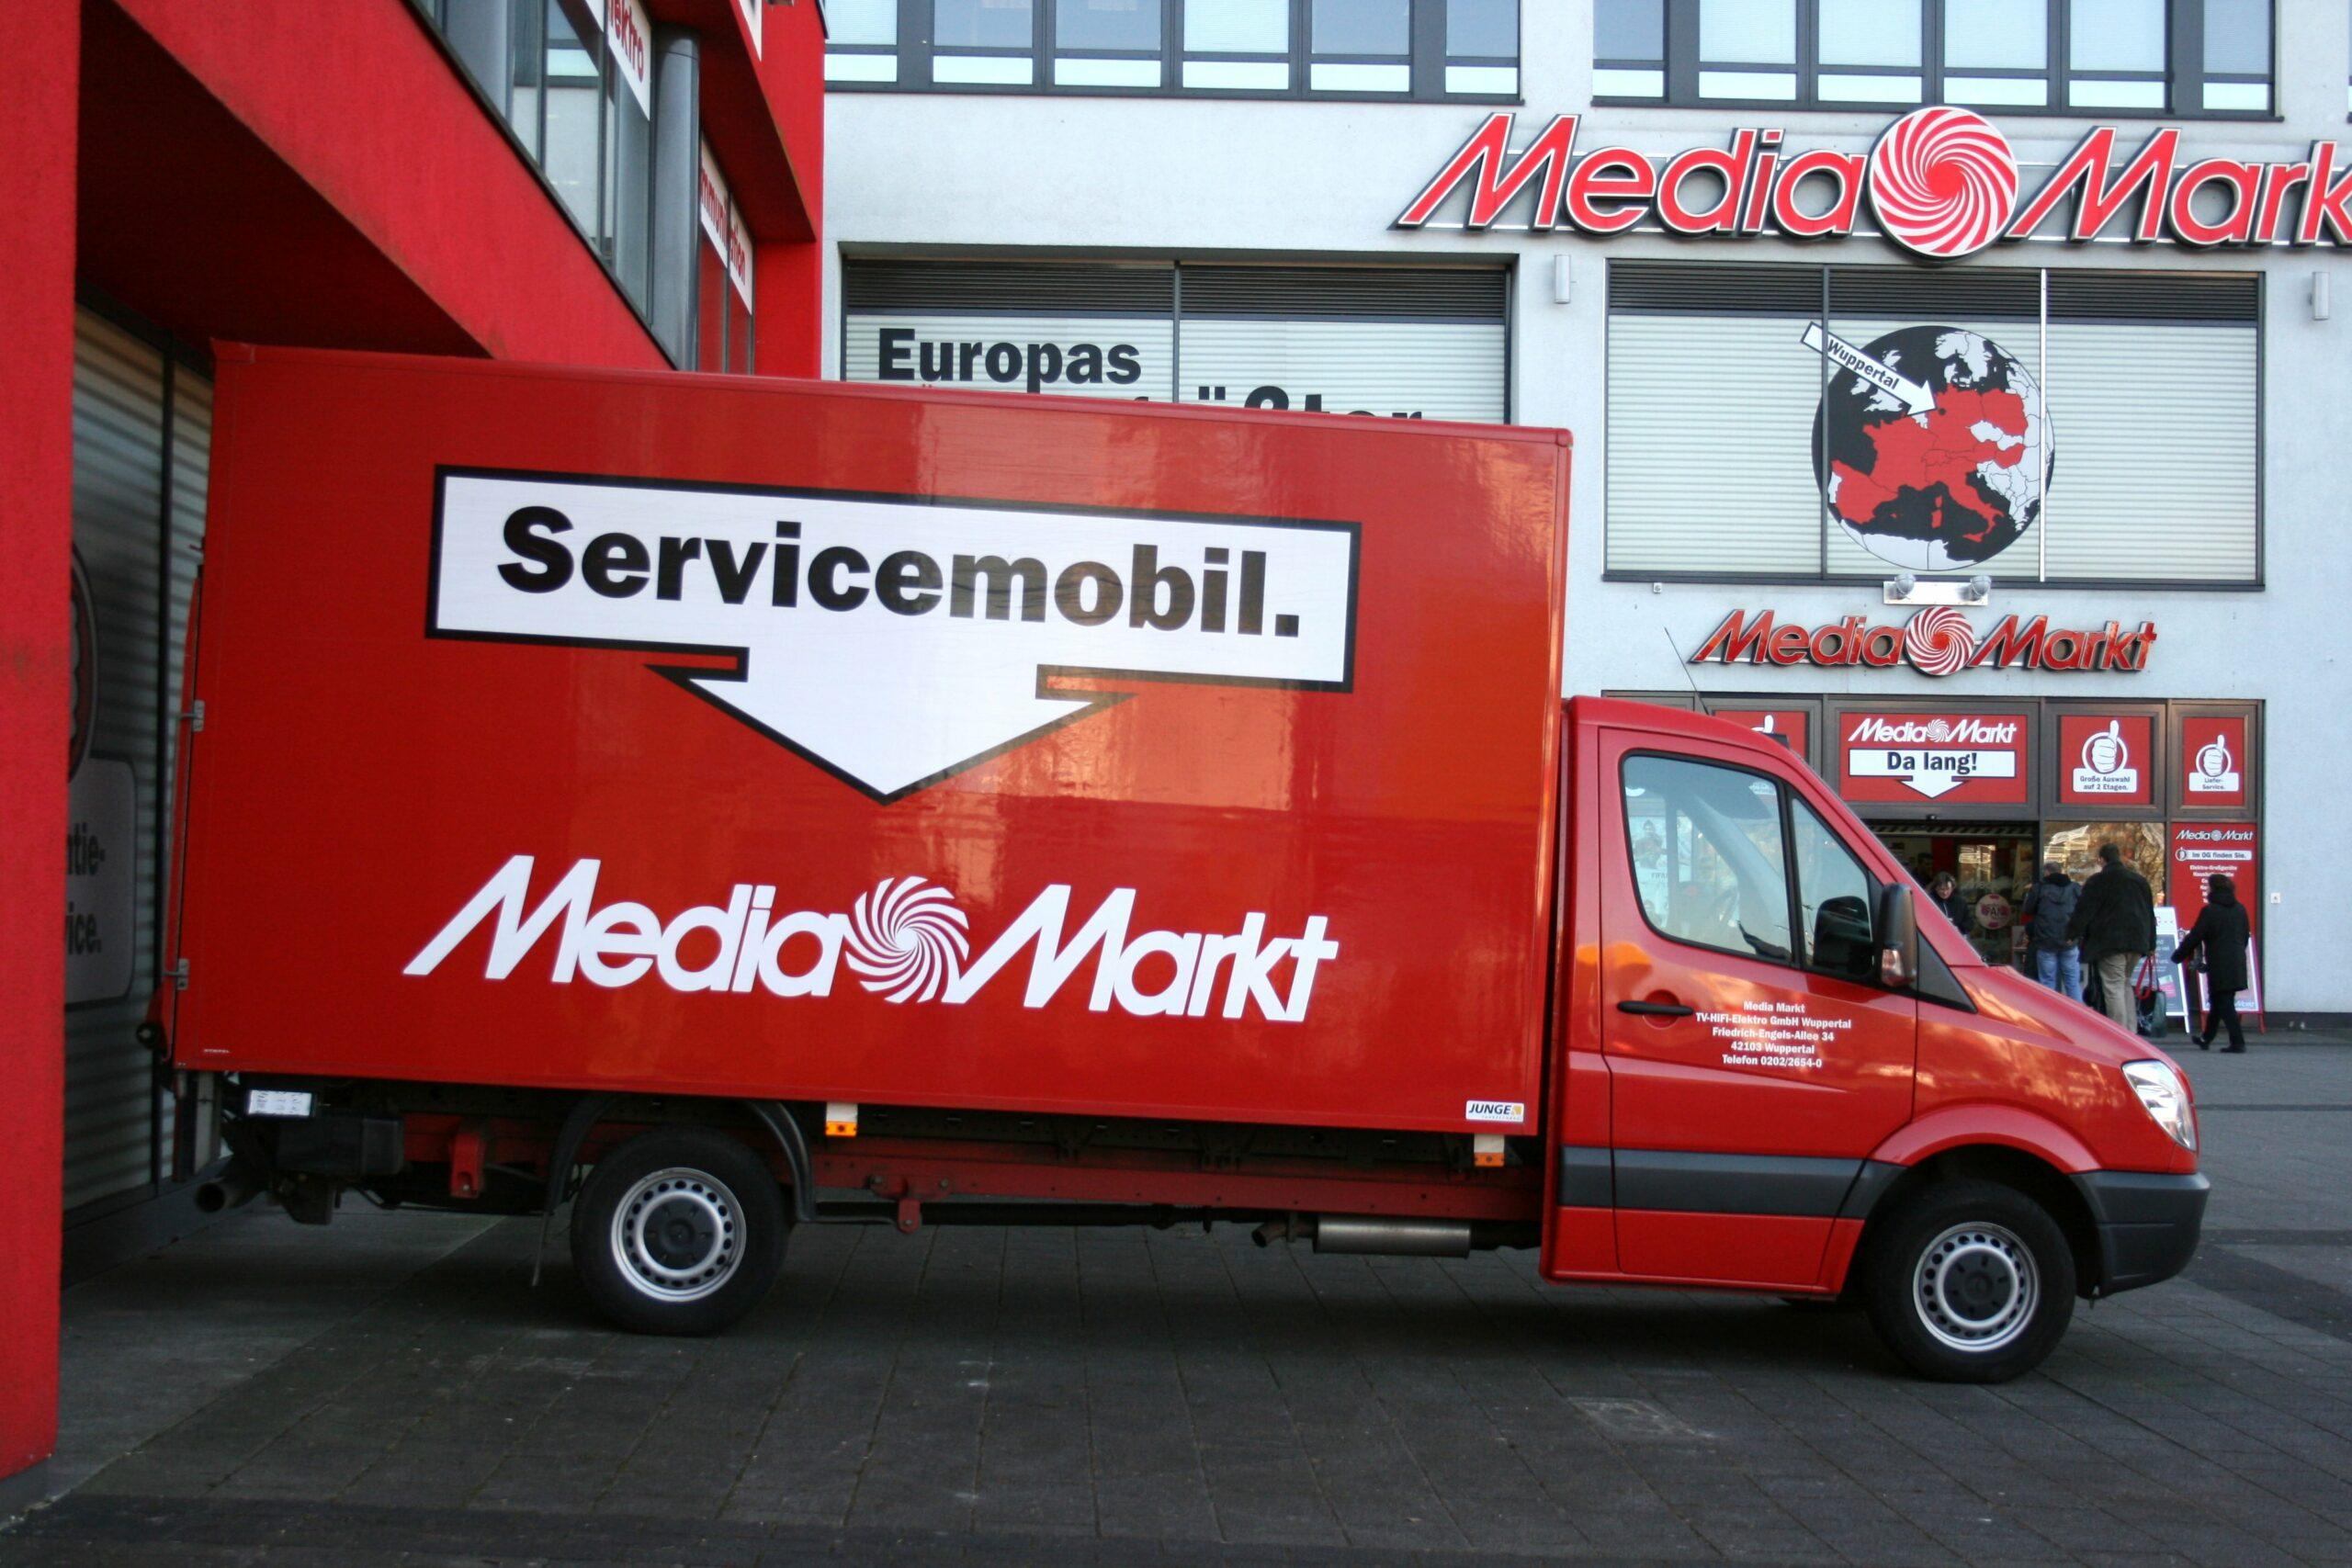 Media Markt hotline